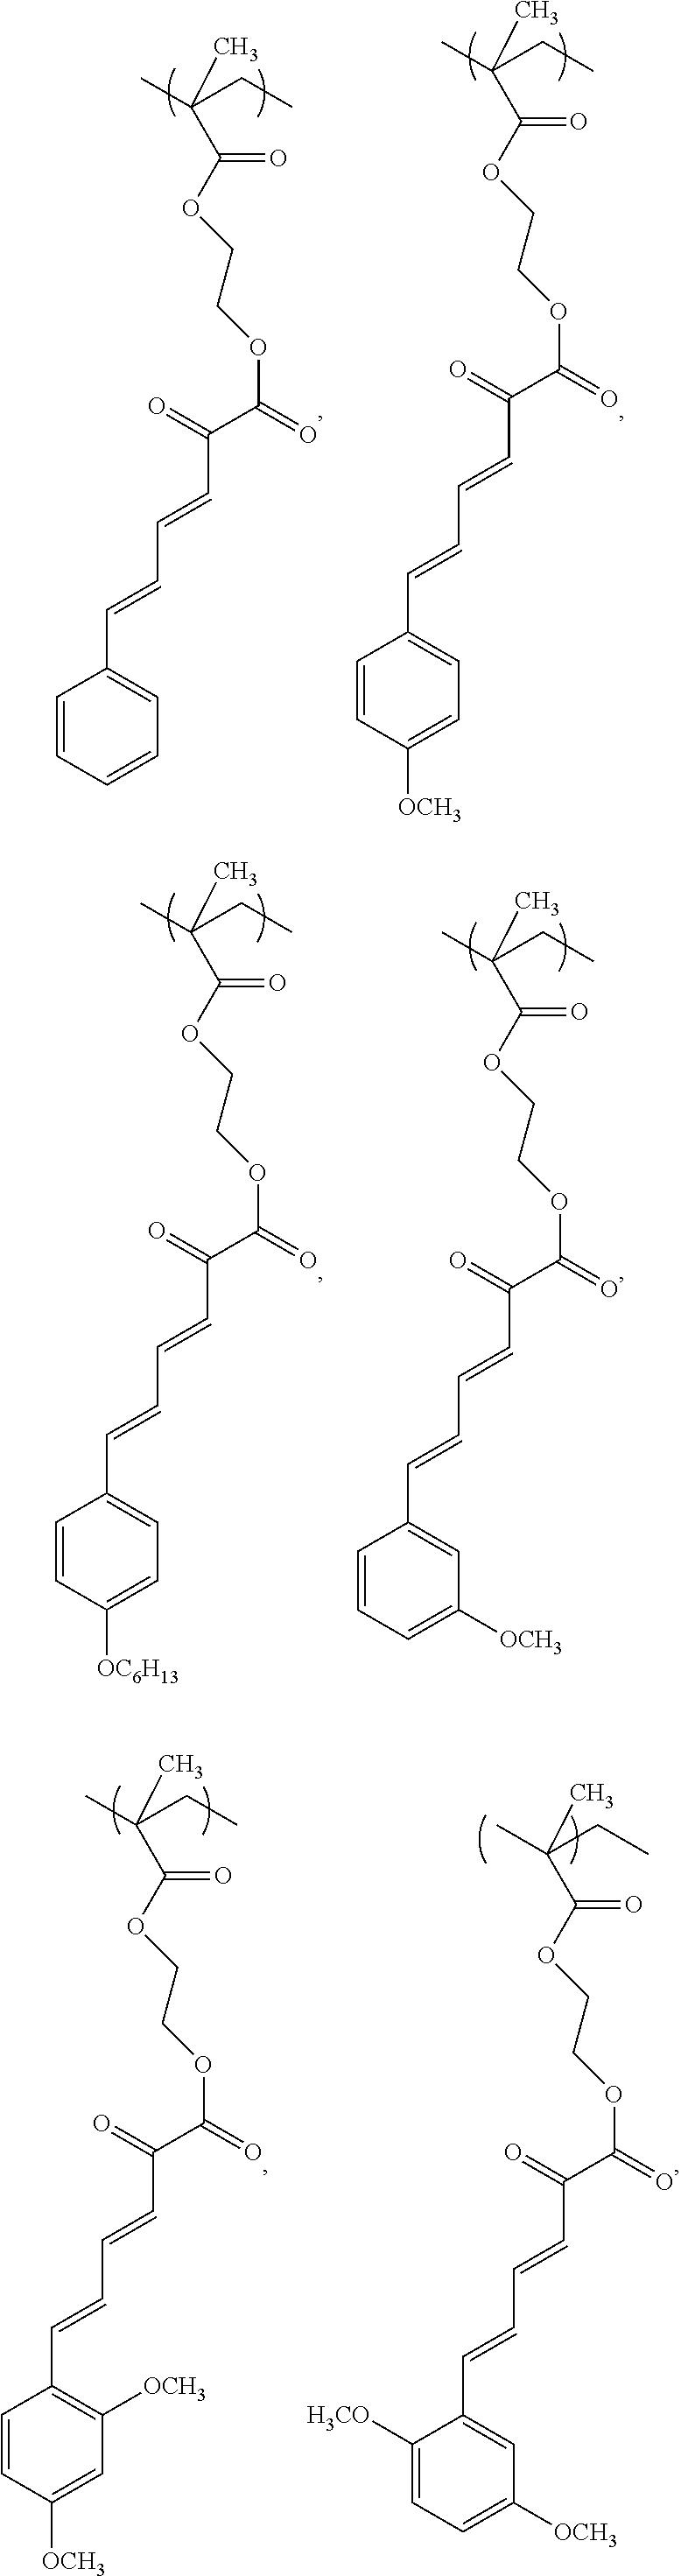 Figure US08878169-20141104-C00018